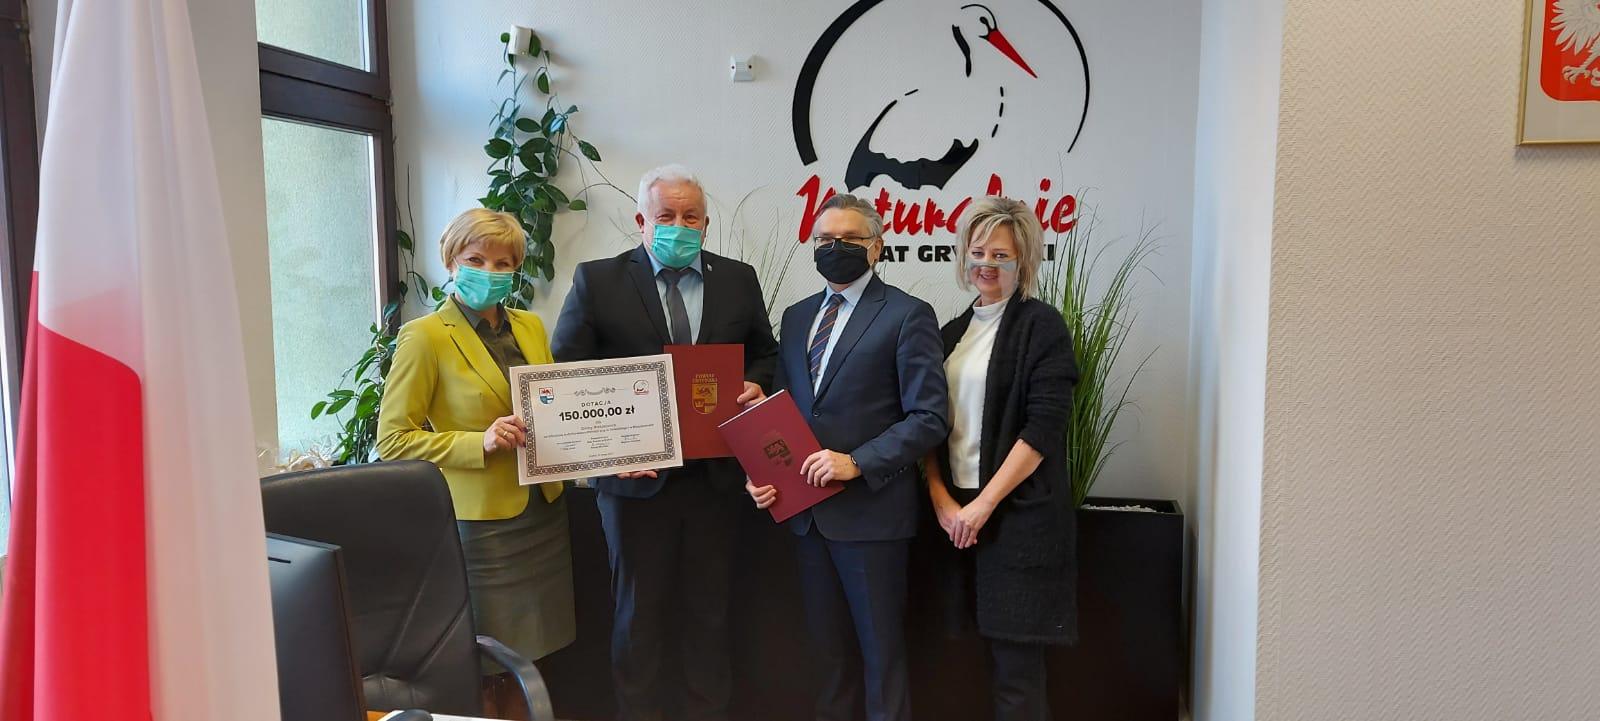 Zdjęcie - grupowe po podpisania umowy